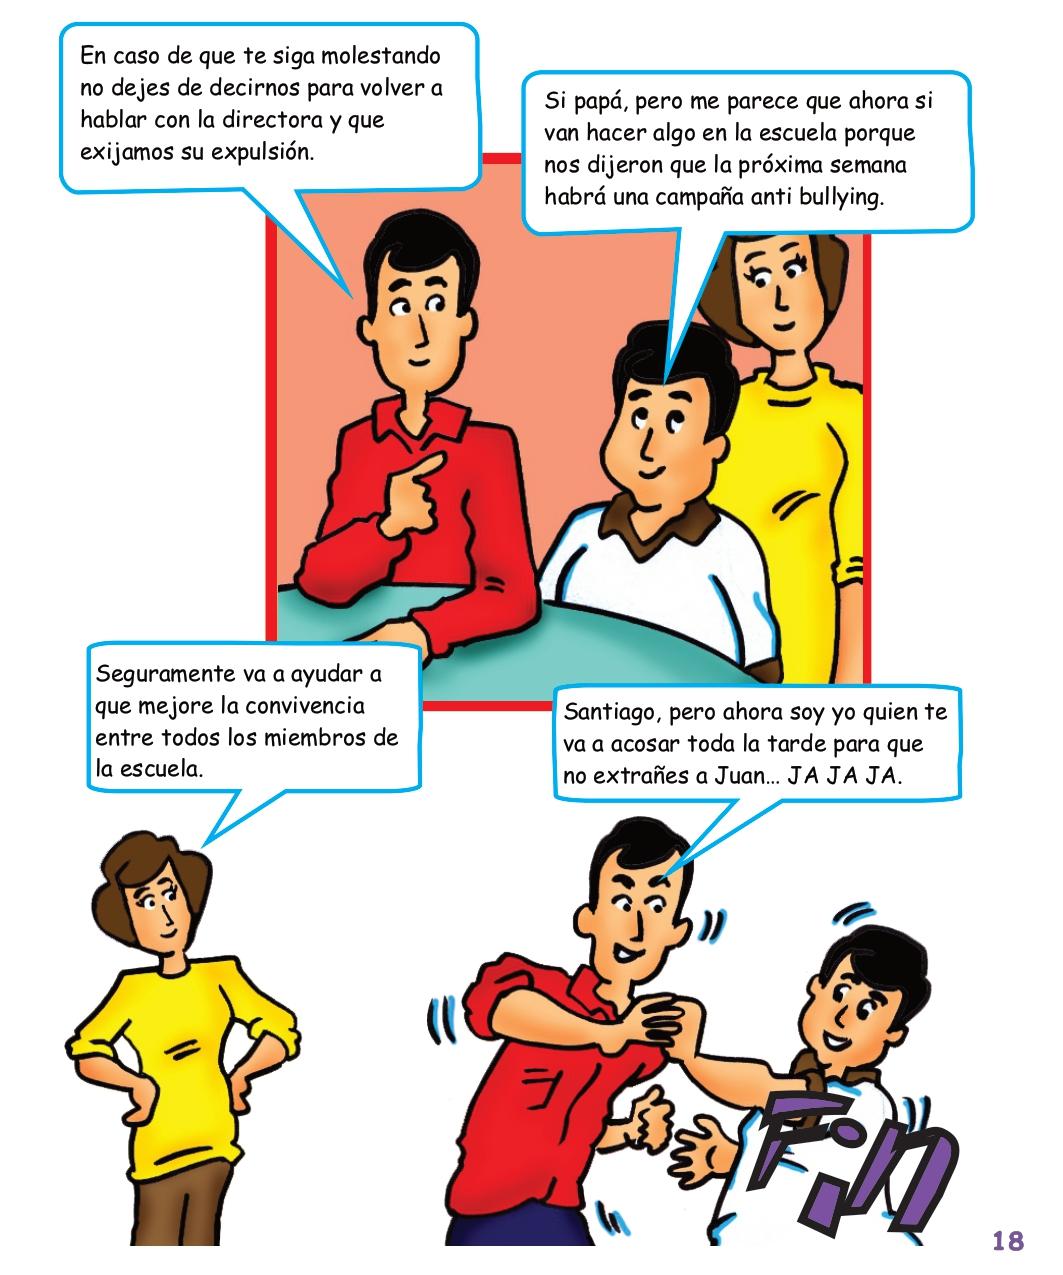 Psicología padres Reyhan cap3 digital_page-0021